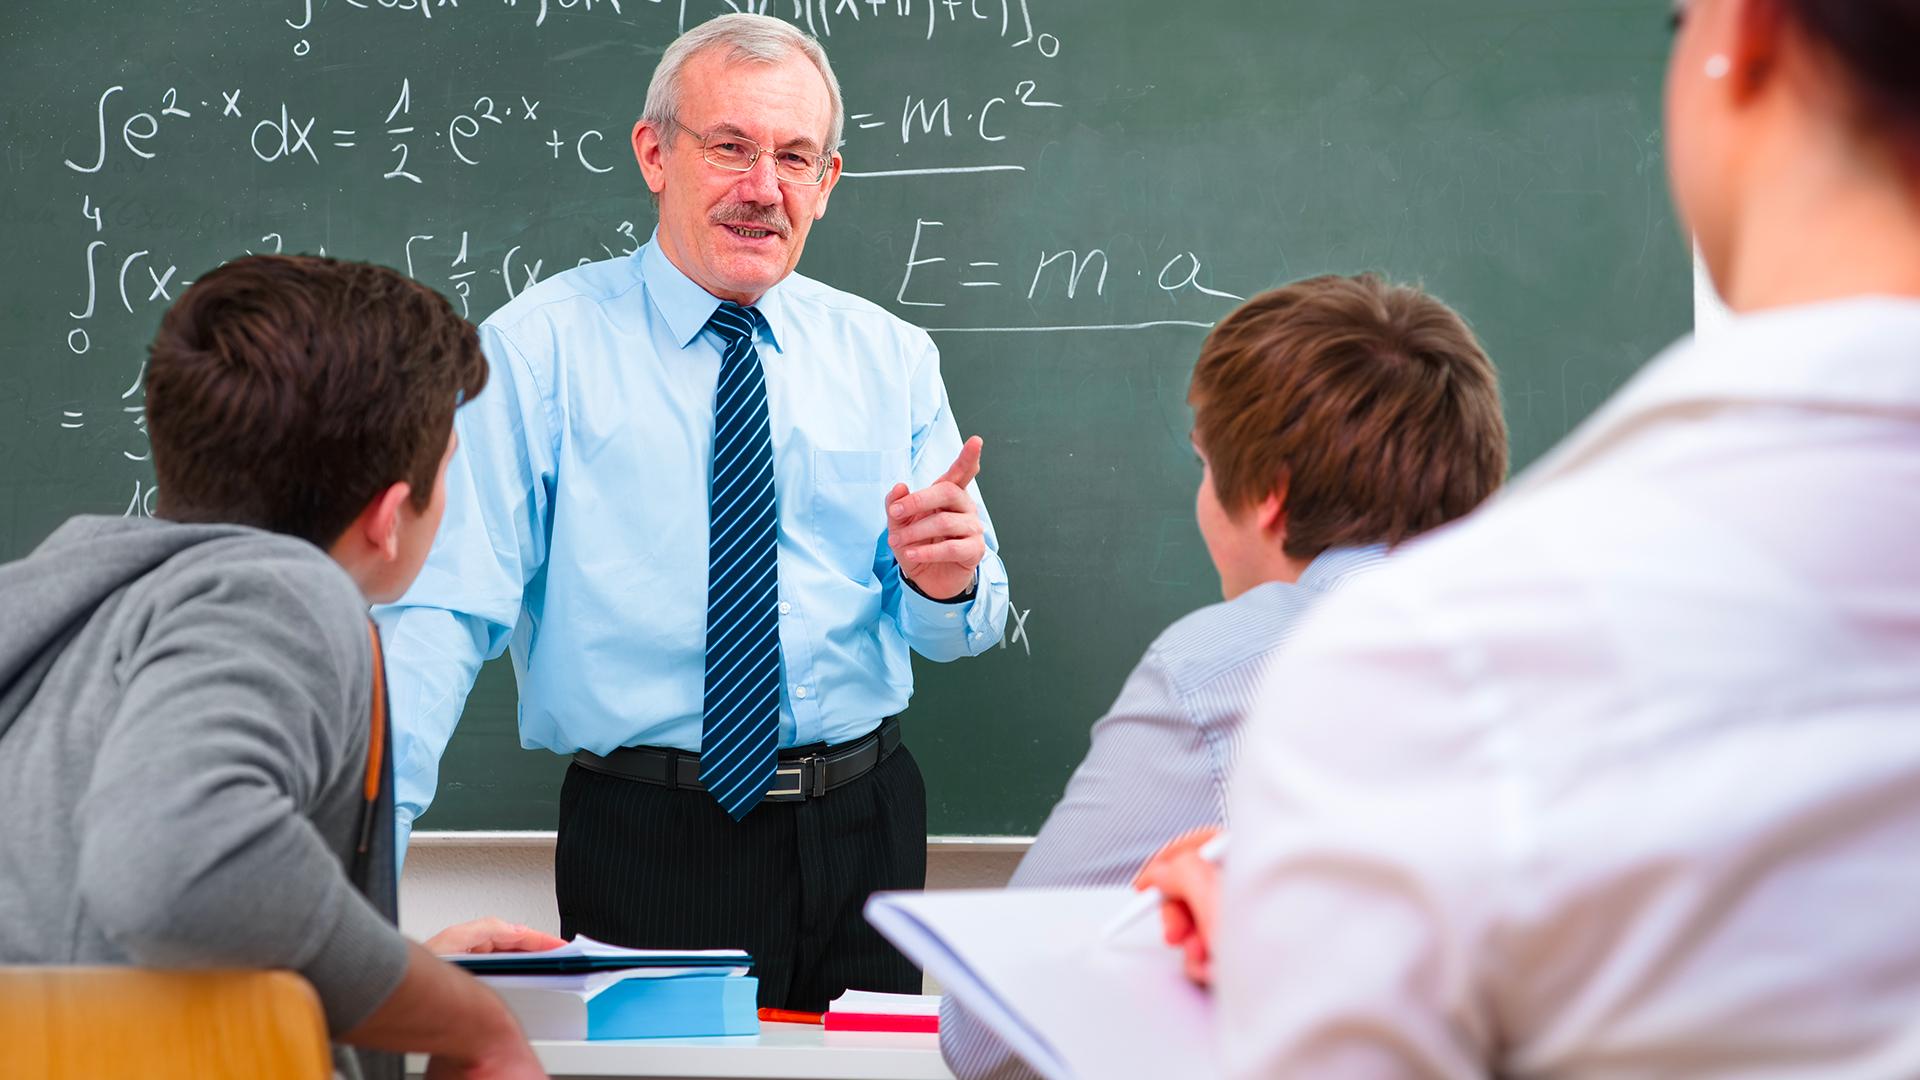 das tutela legale insegnanti news 21092020